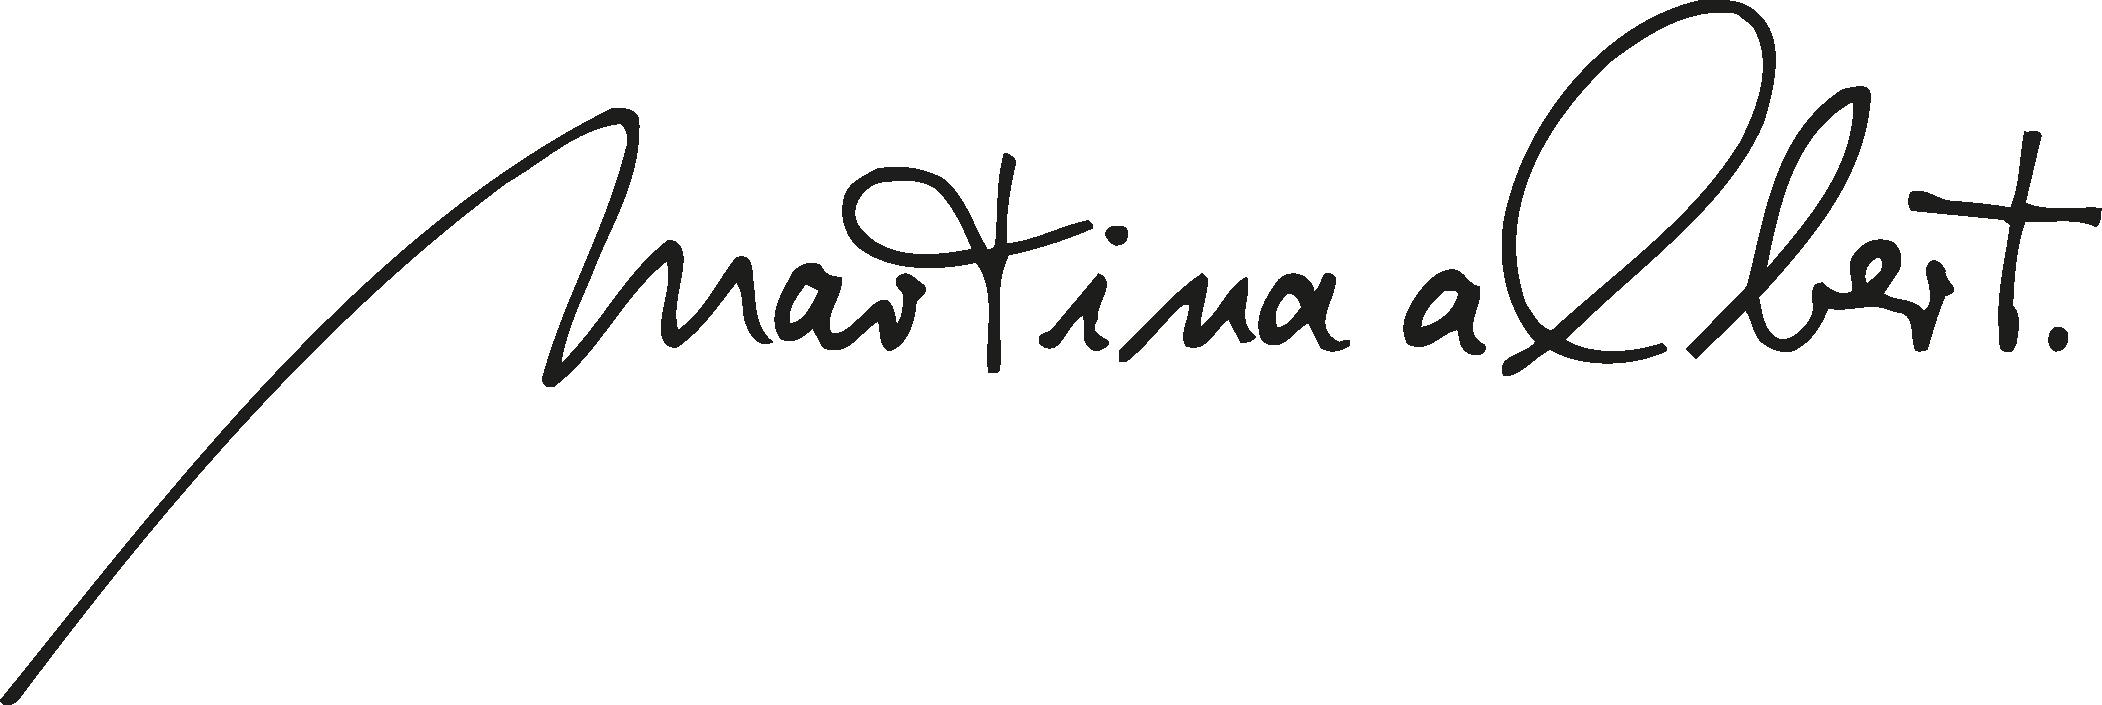 Friseur Martina Albert | Dienstleistungen